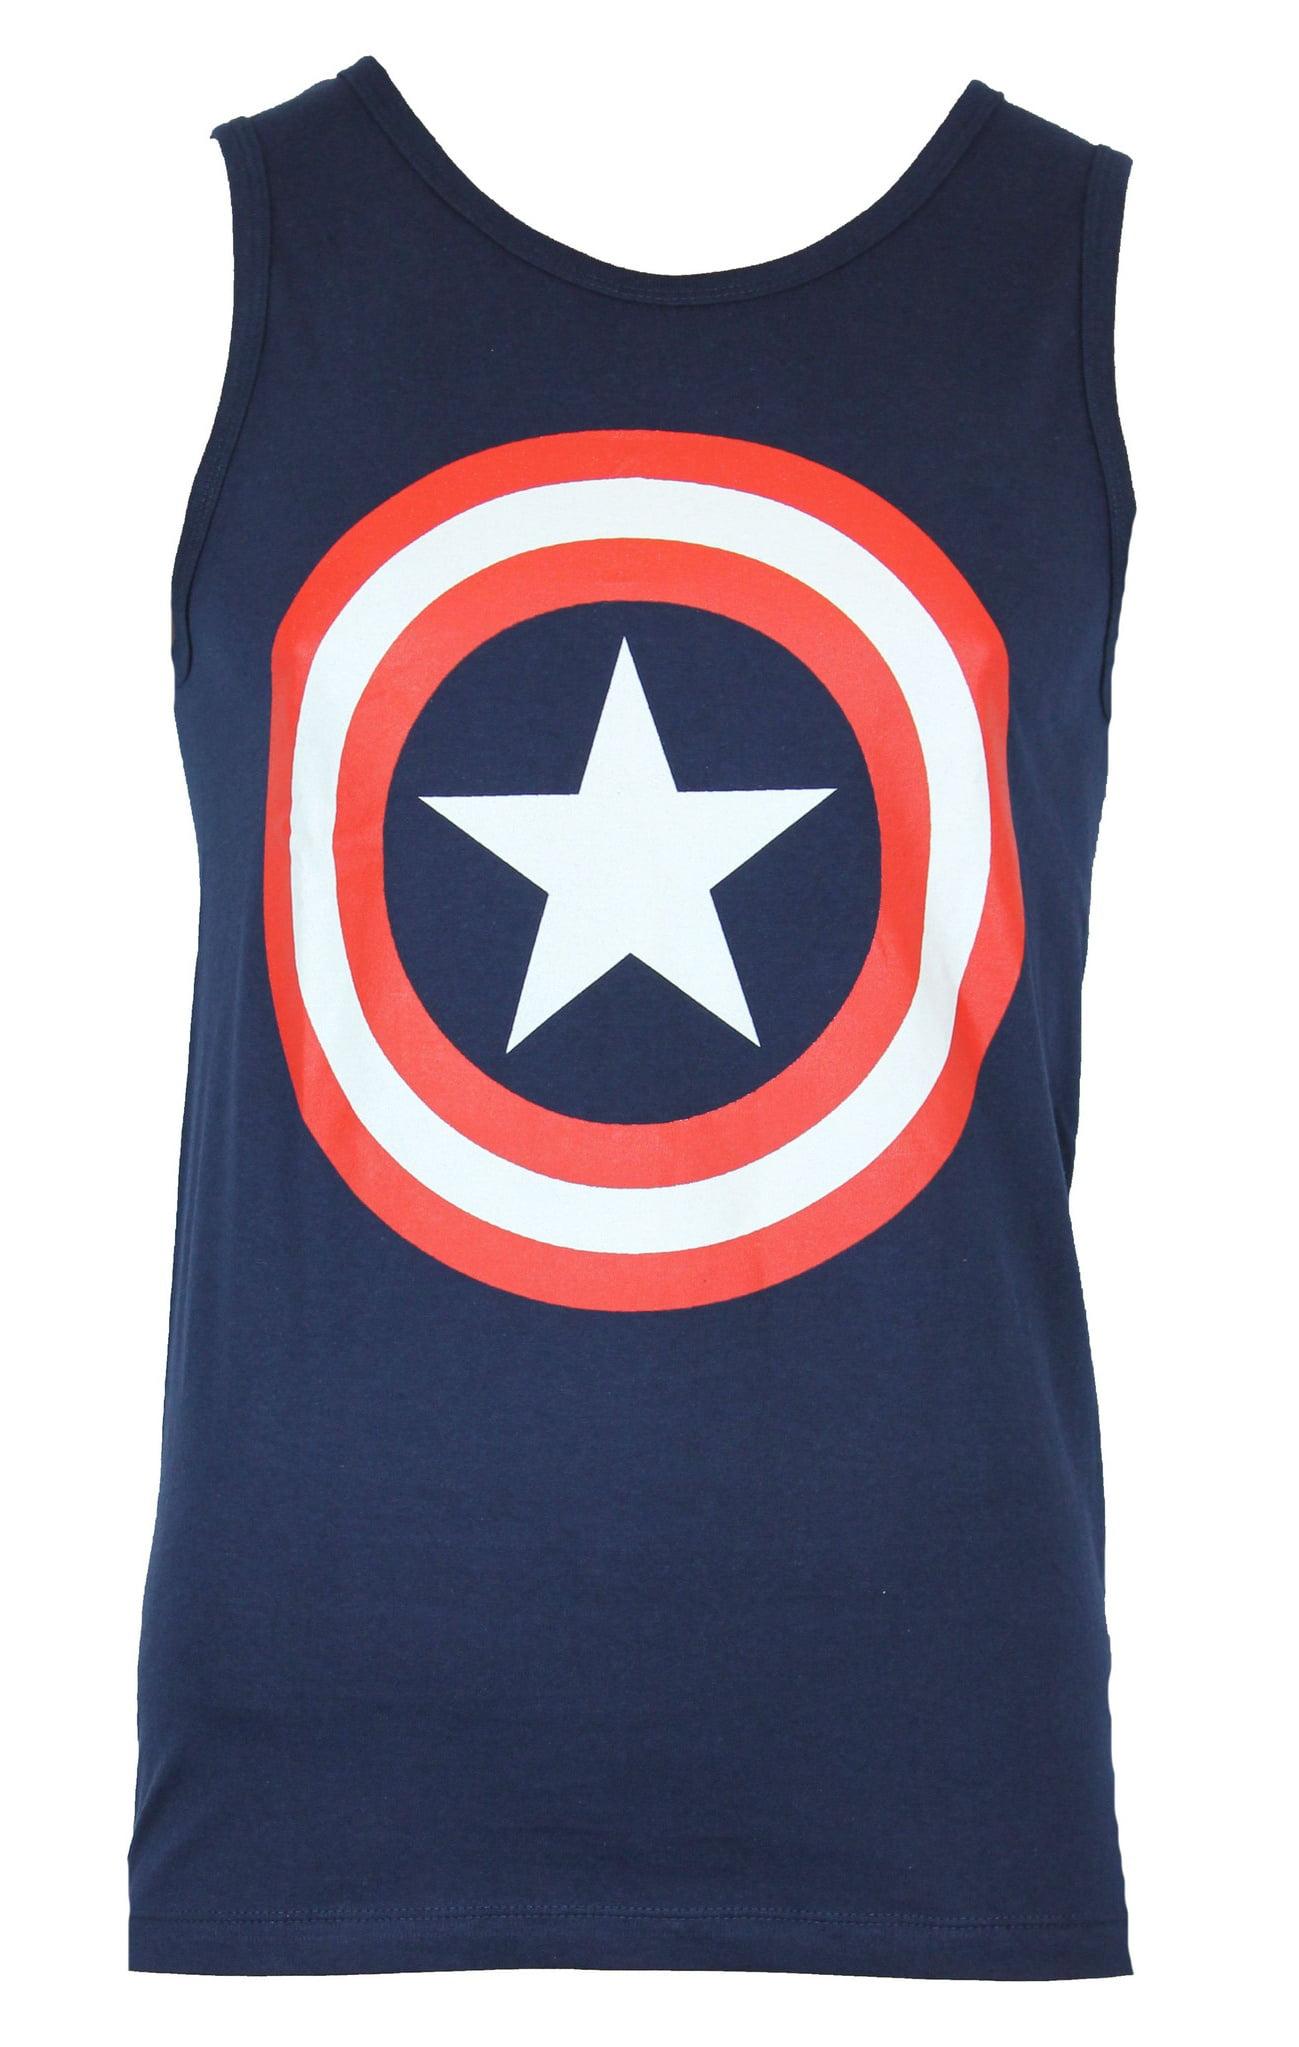 8bf7d4e47c3999 IN MY PARENTS BASEMENT - Captain America (Marvel Comics) Mens Tank Top -  Classic Shield Logo - Walmart.com